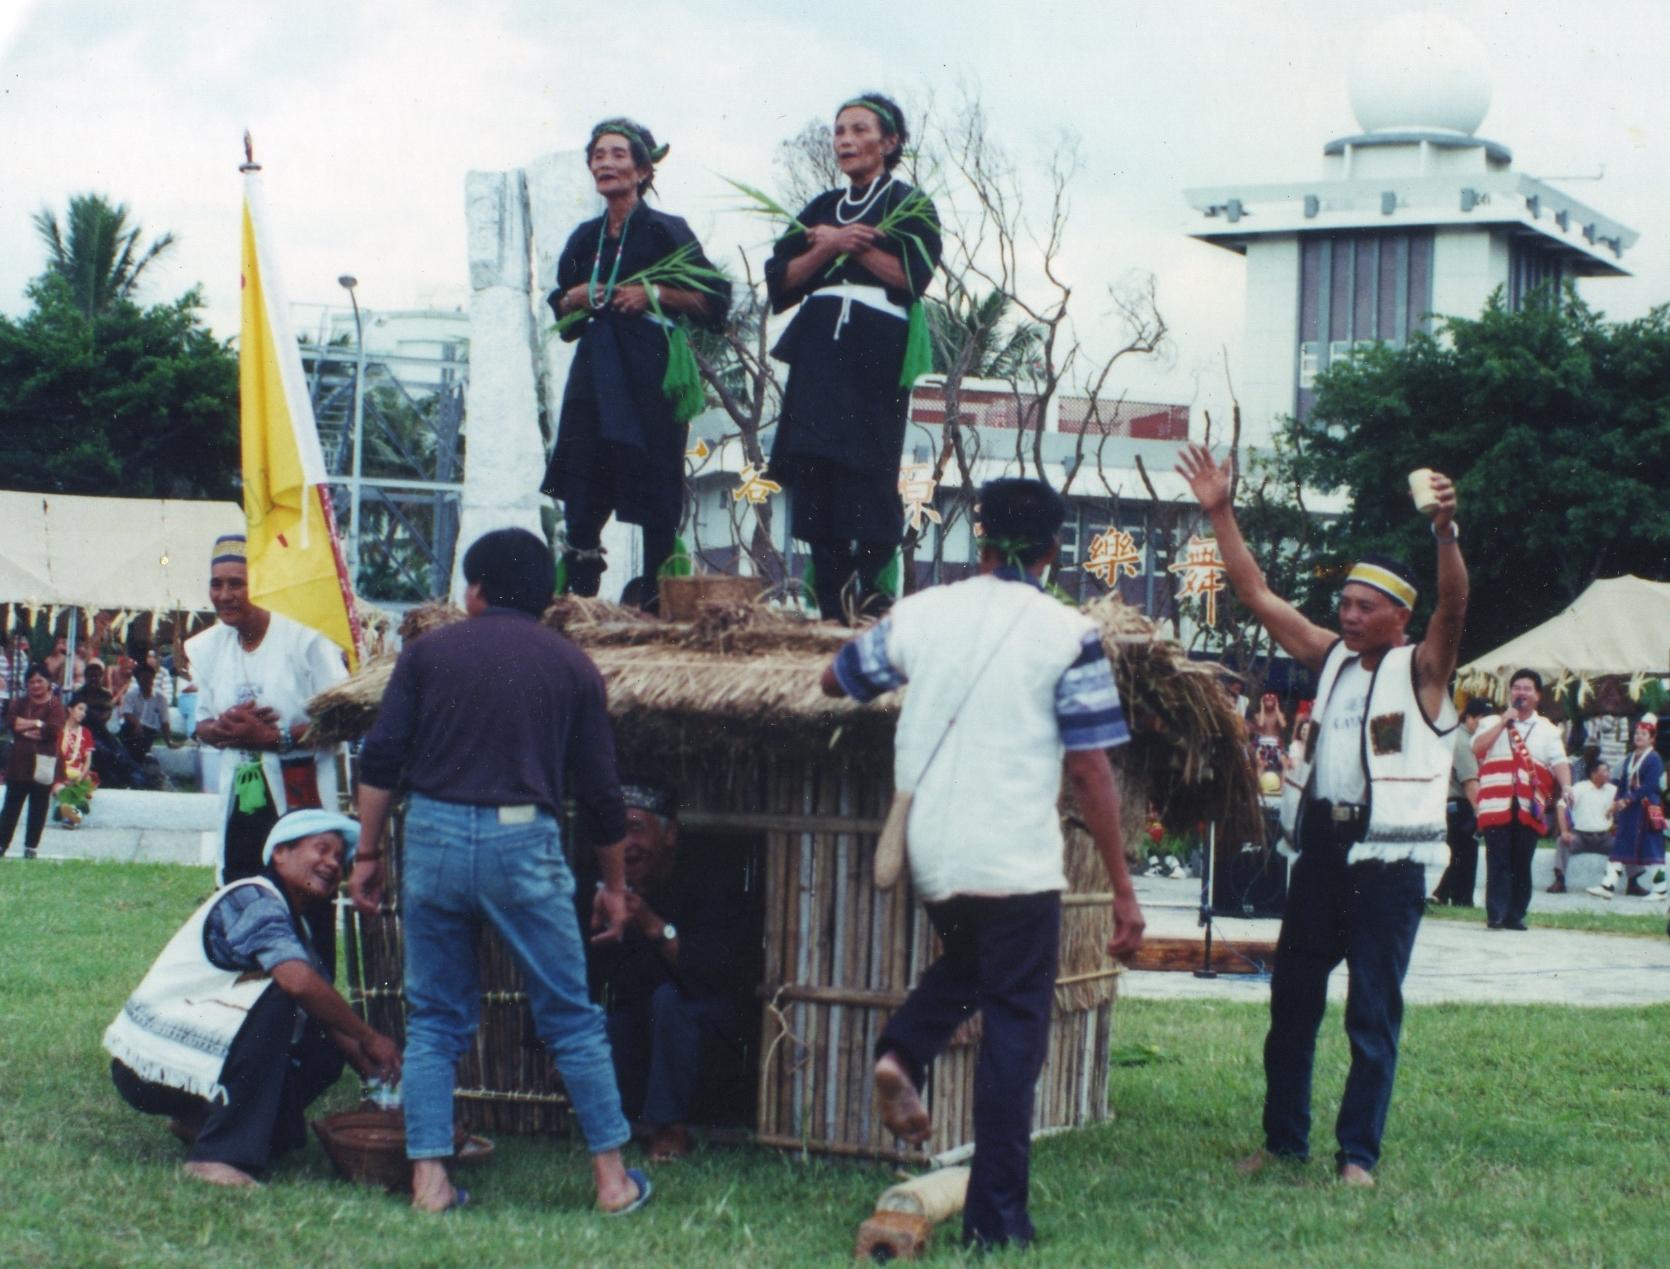 現今 kisaiz 變成噶瑪蘭族對外展示的文化資產,在國家劇院、地方文化中心等舞台演出,女巫在屋頂上跳舞、呼喊女神是最獨特的展演。 圖片來源│劉璧榛提供